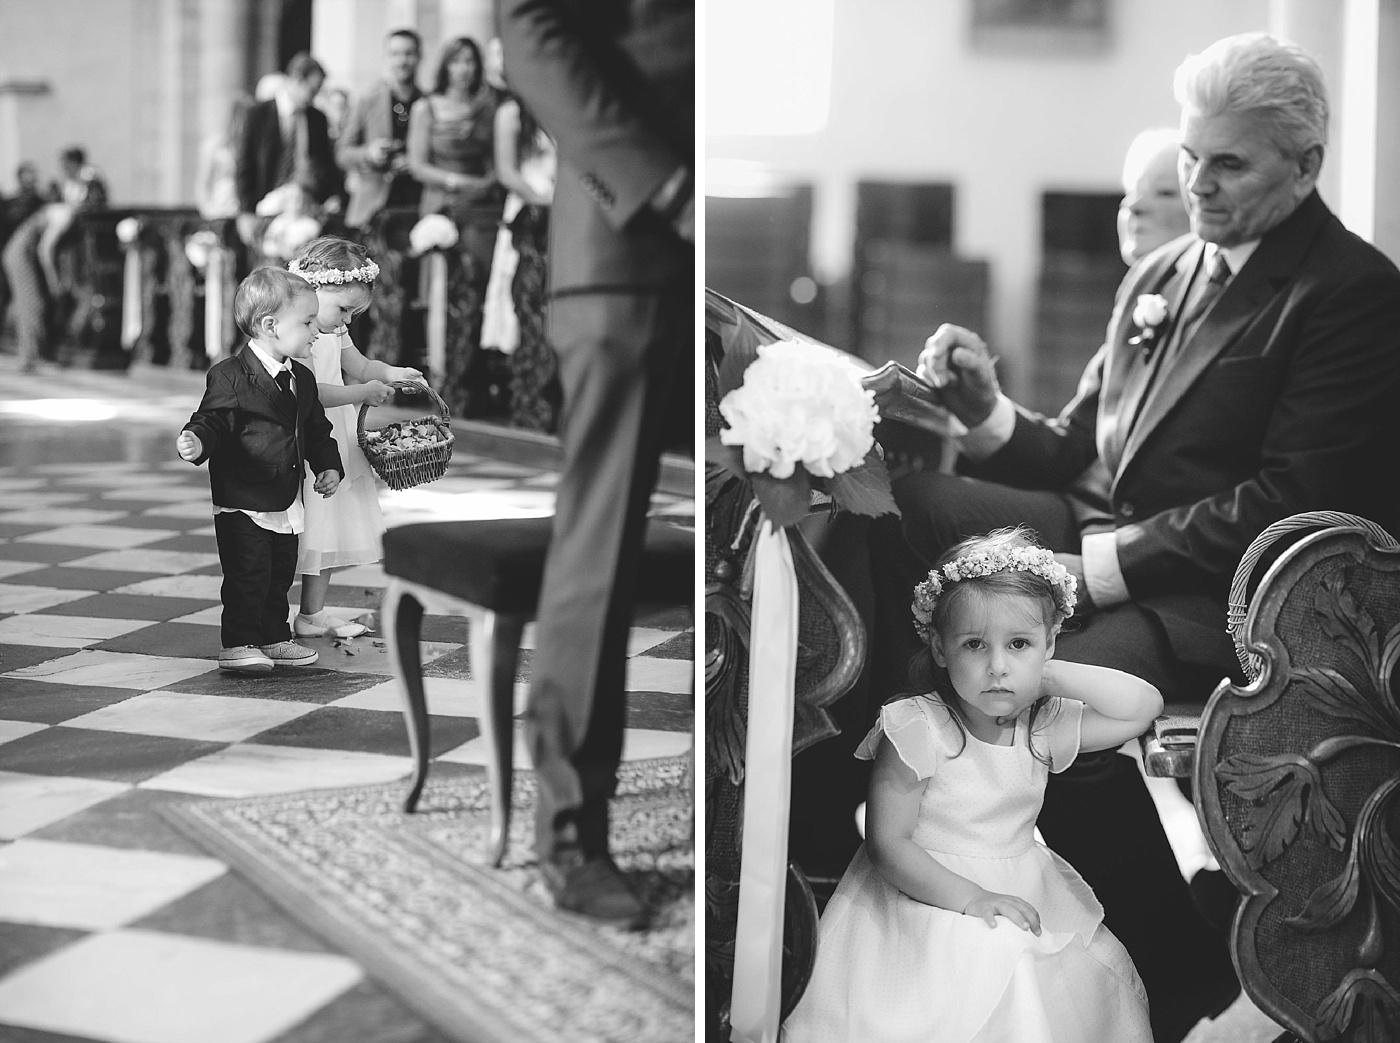 Die perfekte Stimmung – große und kleine Gäste in die Hochzeitsfeier ...